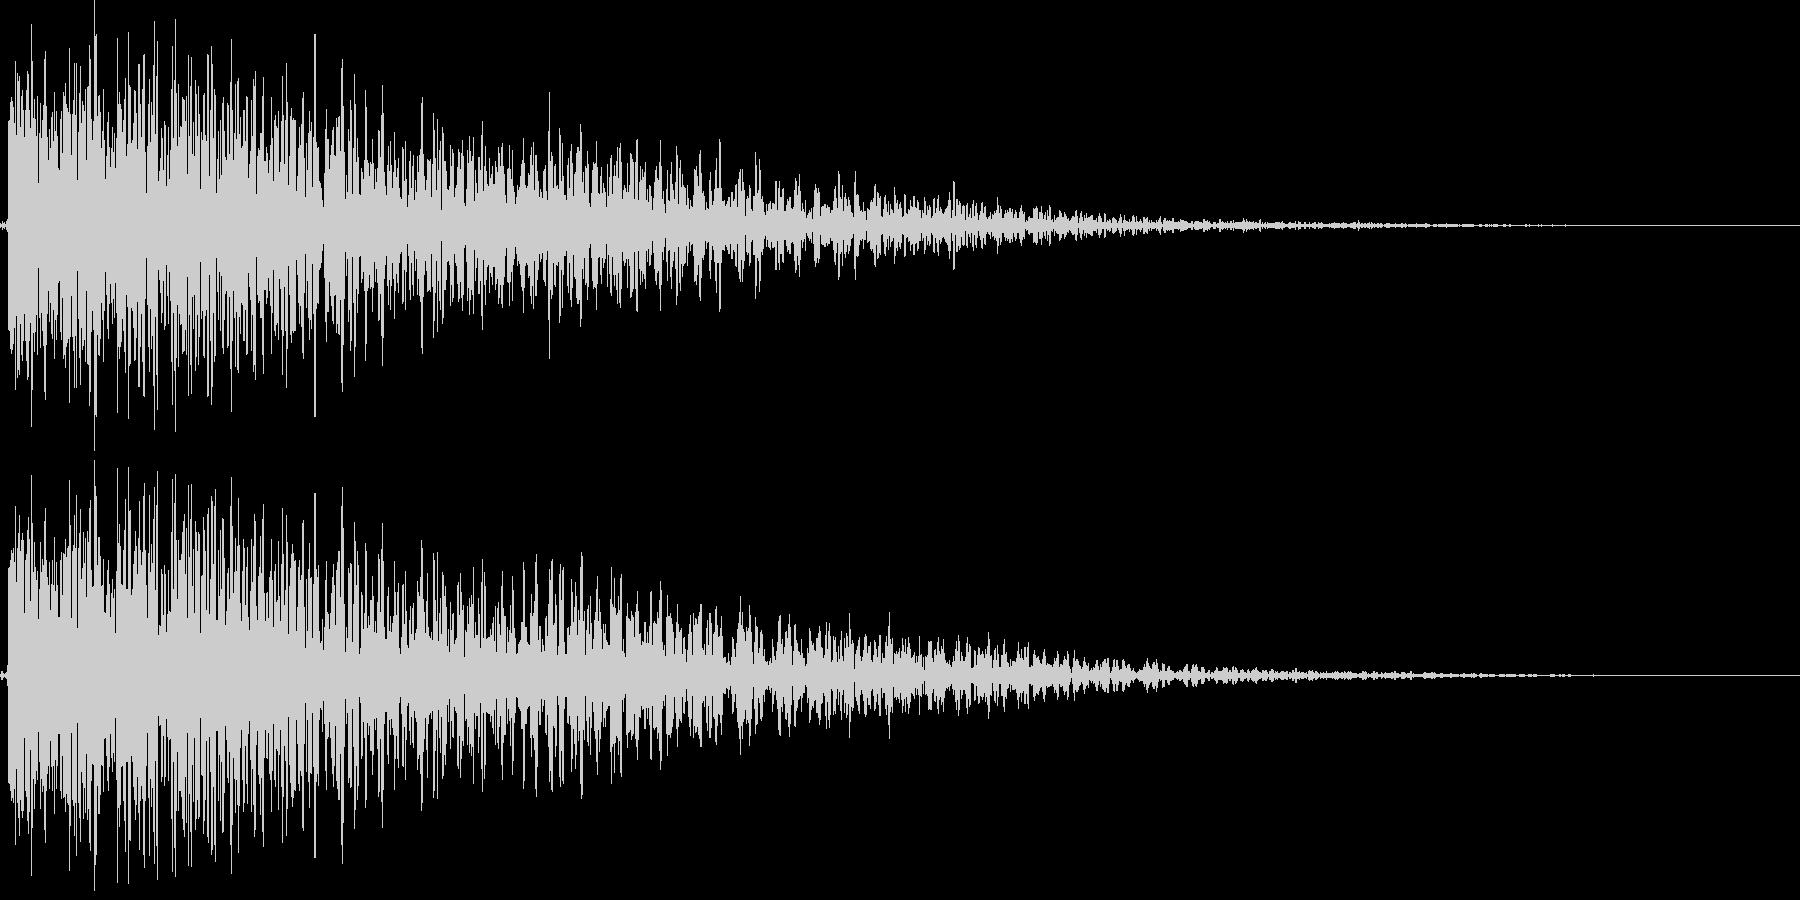 デデーン(がっかり、レベルダウン、ミス)の未再生の波形